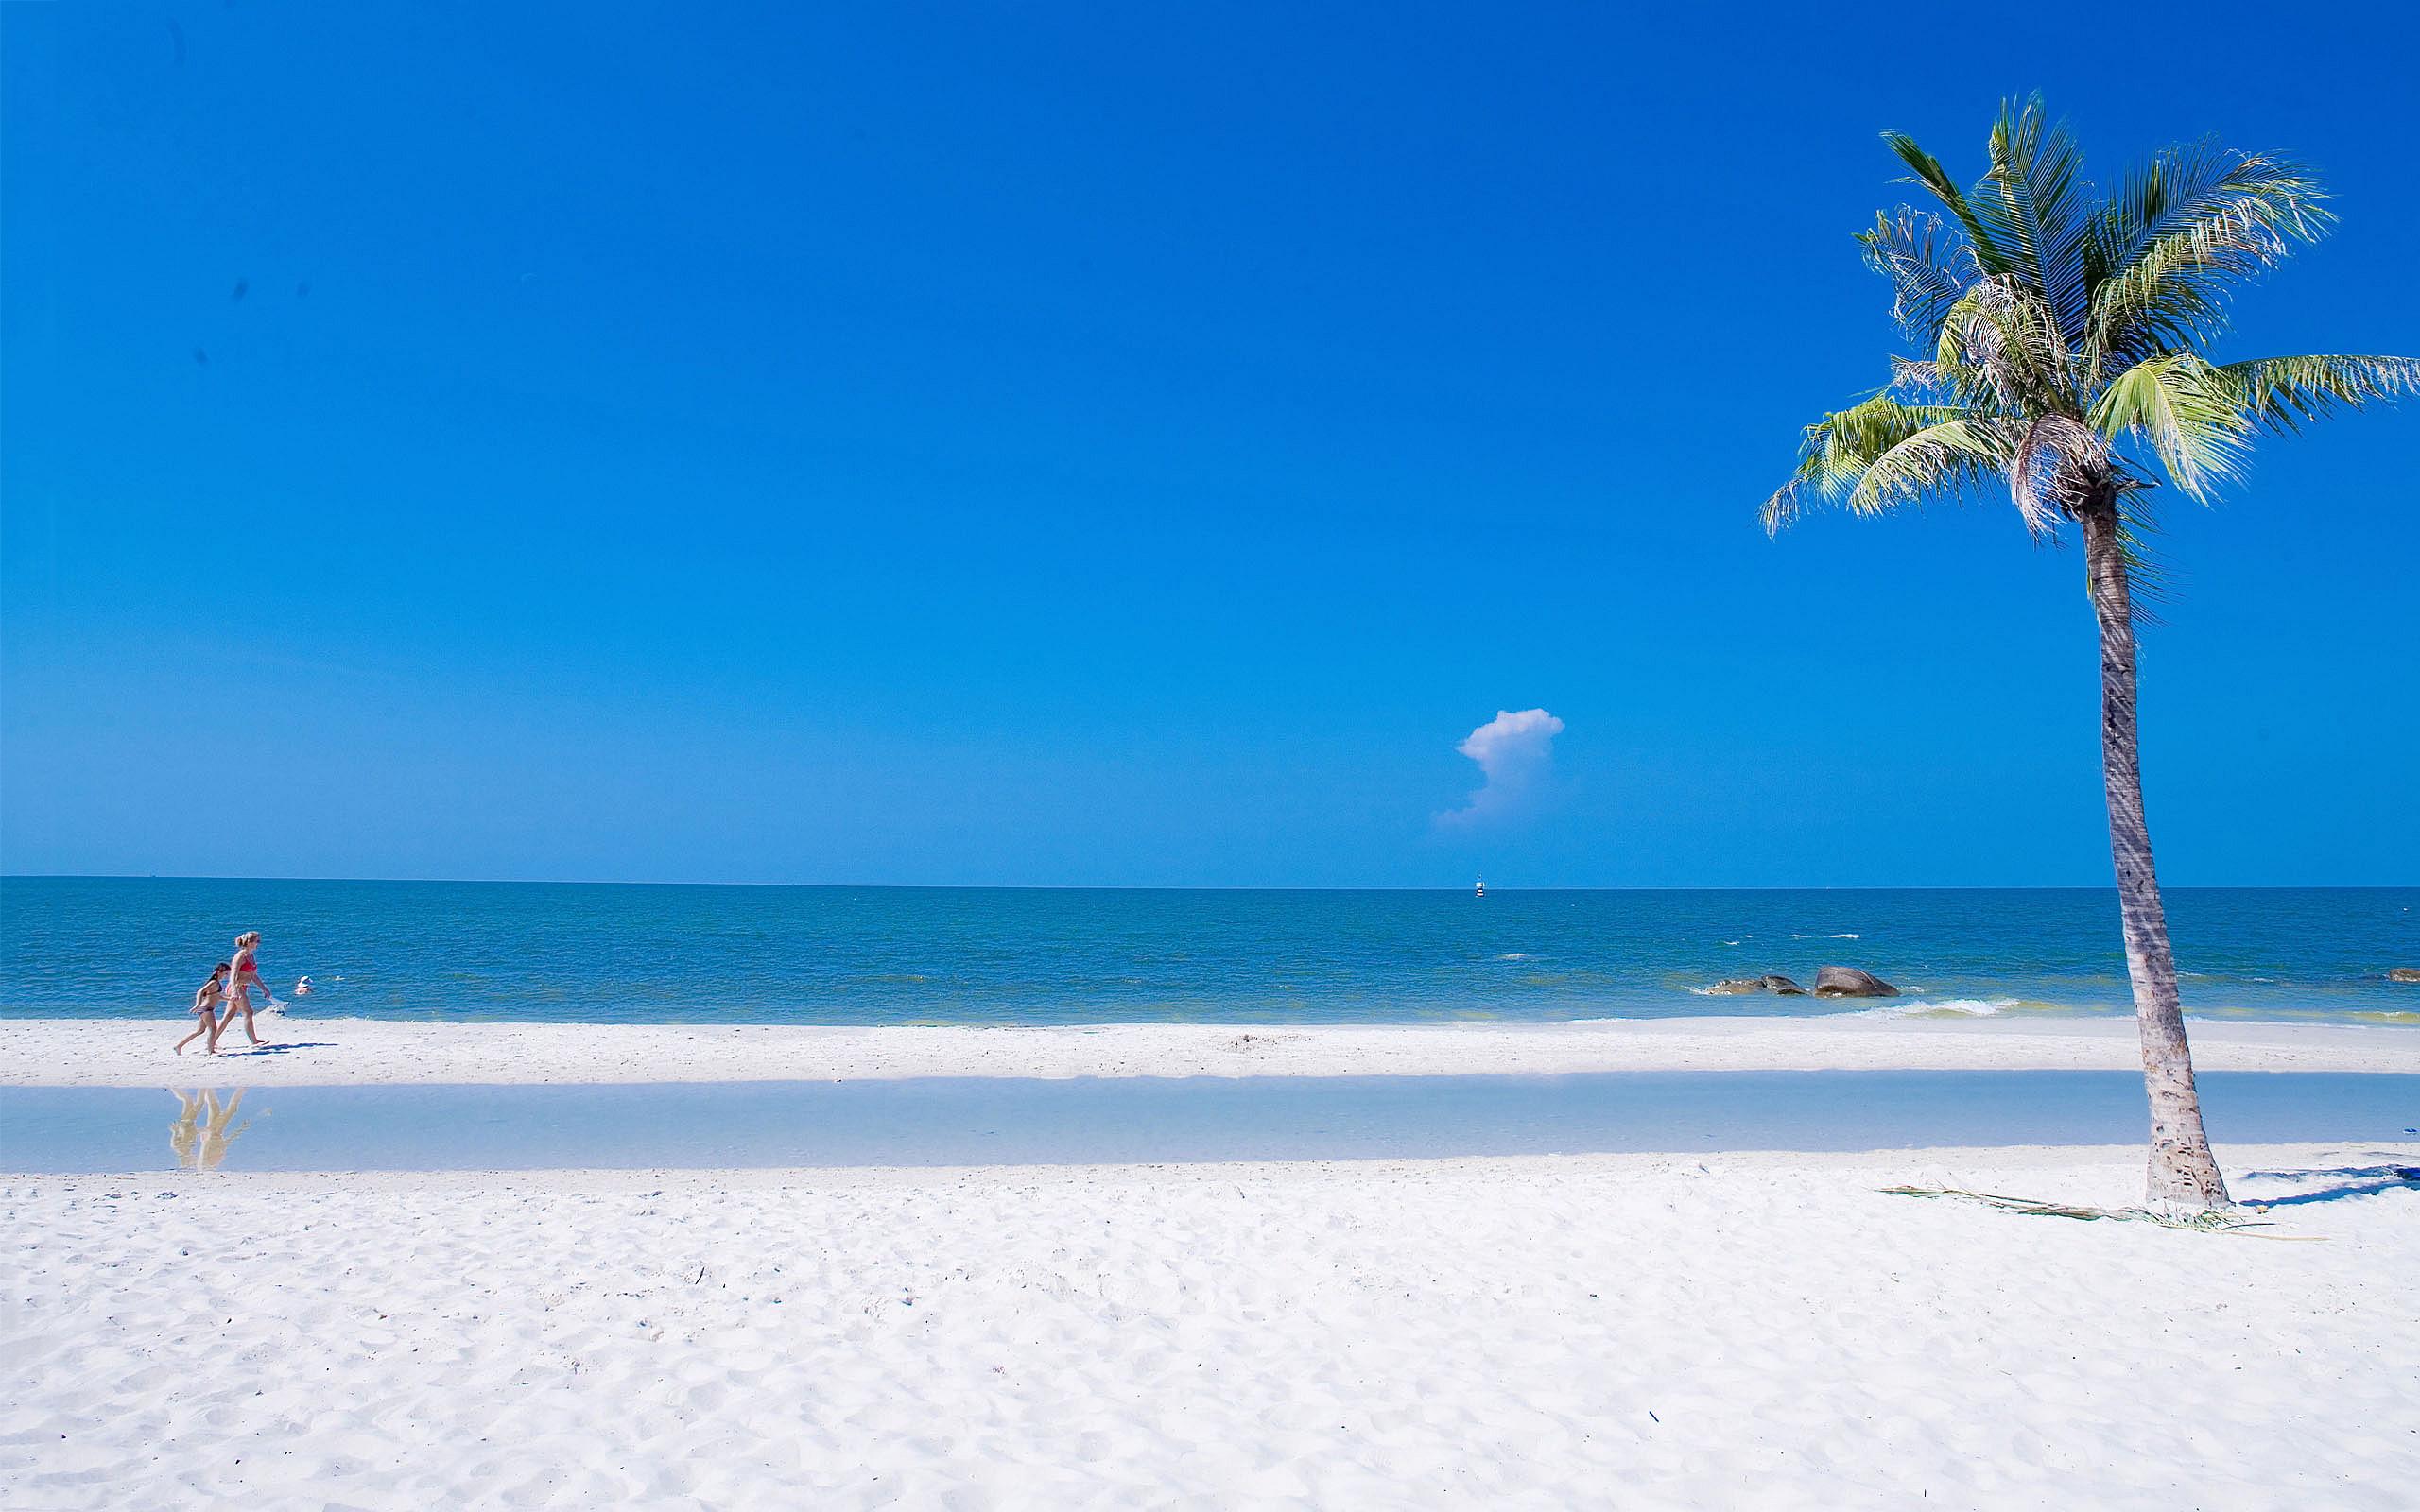 ocean desktop pictures